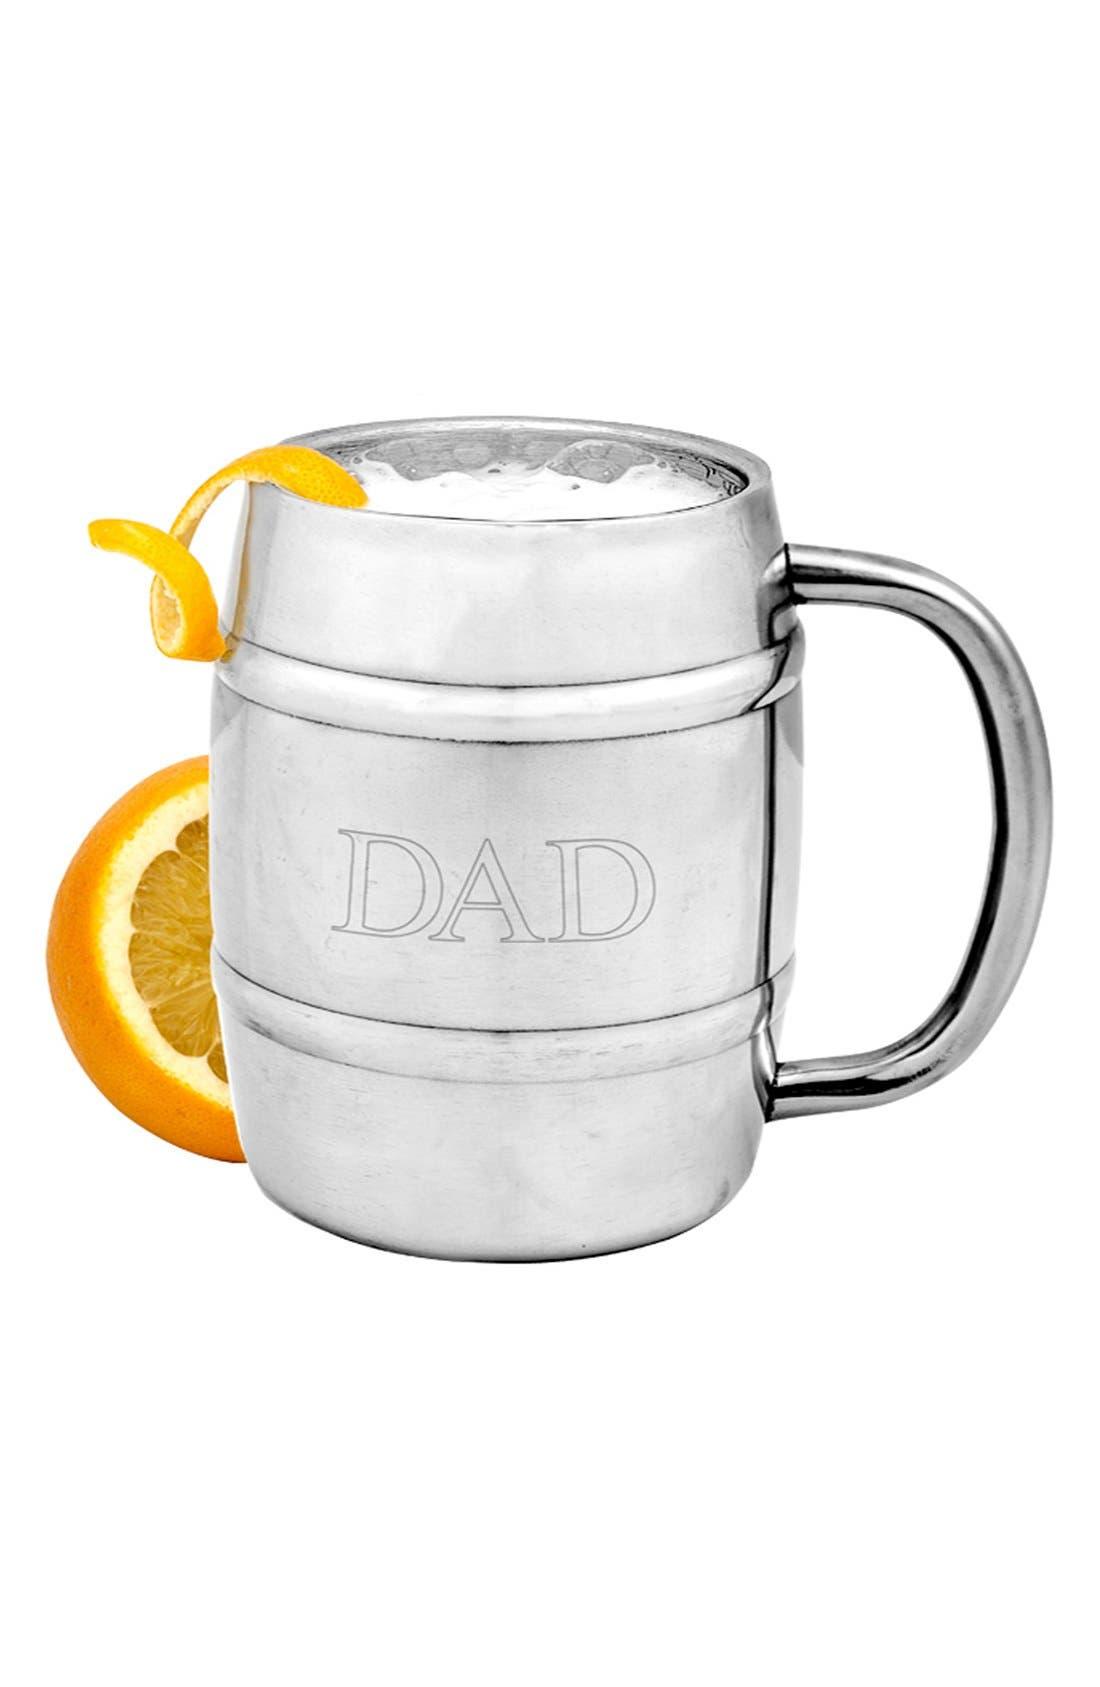 'Dad' Keg Mug,                             Main thumbnail 1, color,